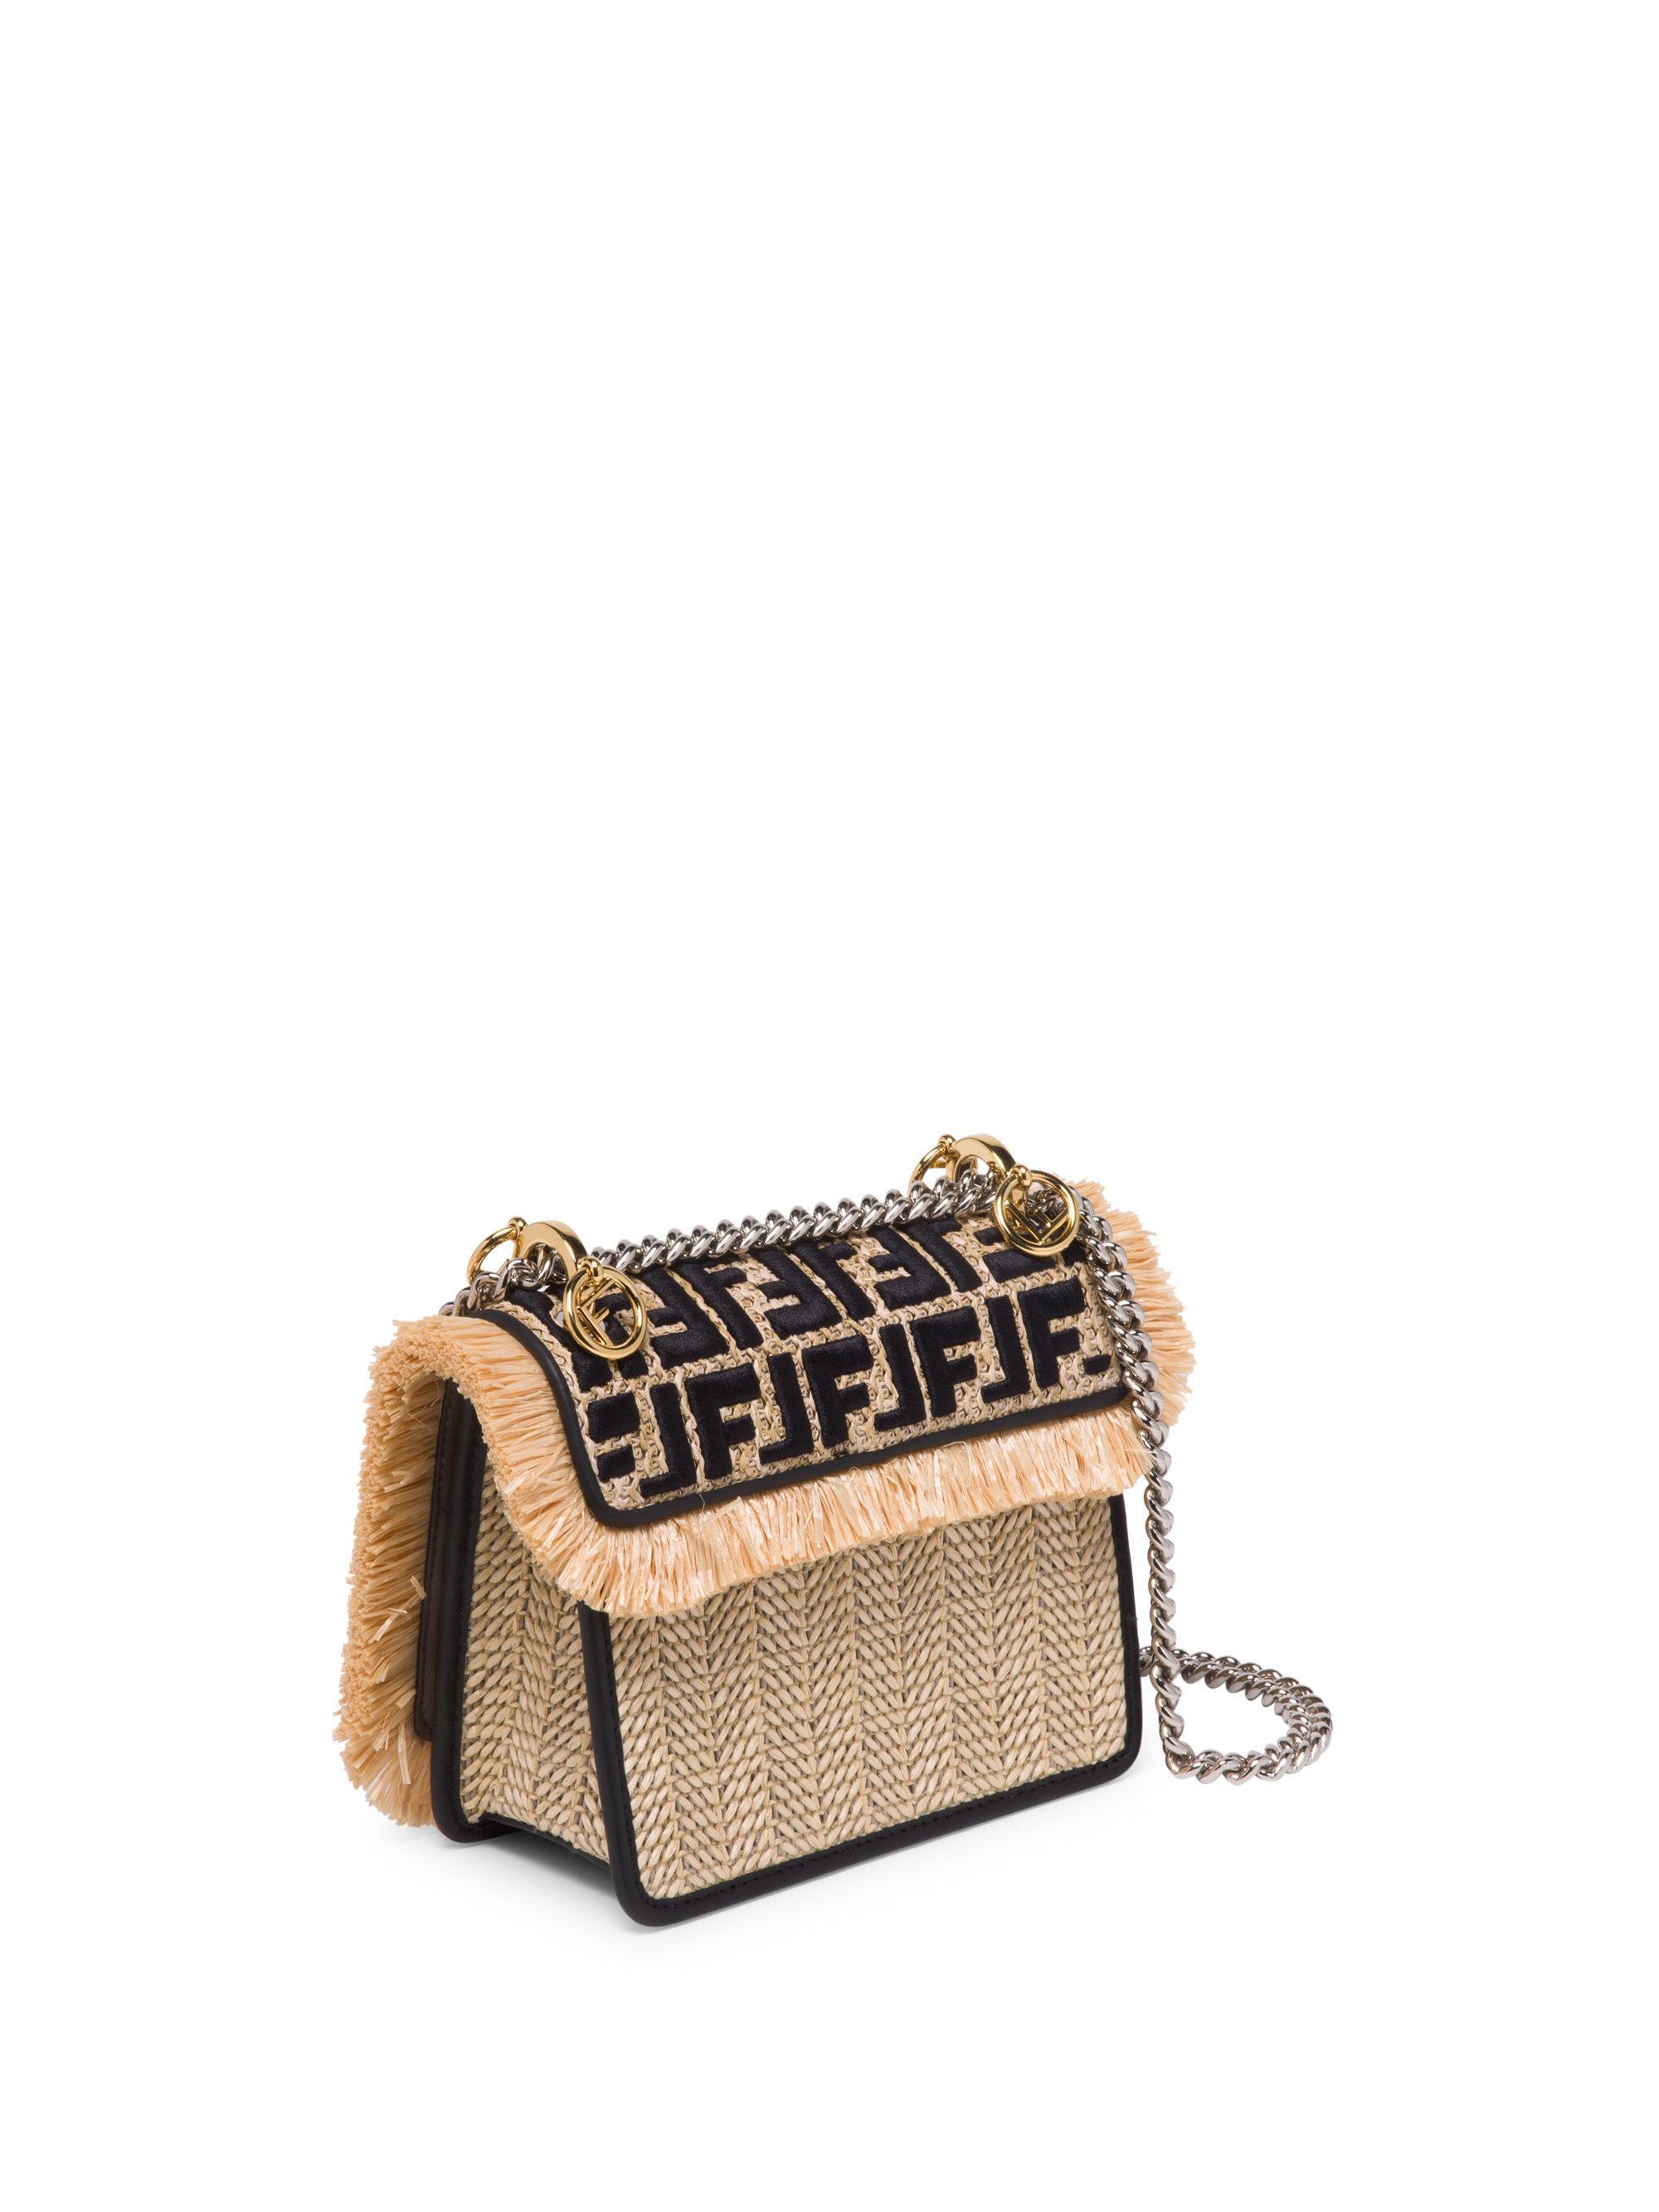 43255813e24b ... promo code for lyst fendi small kan i chain strap raffia bag in black  39415 06972 ...